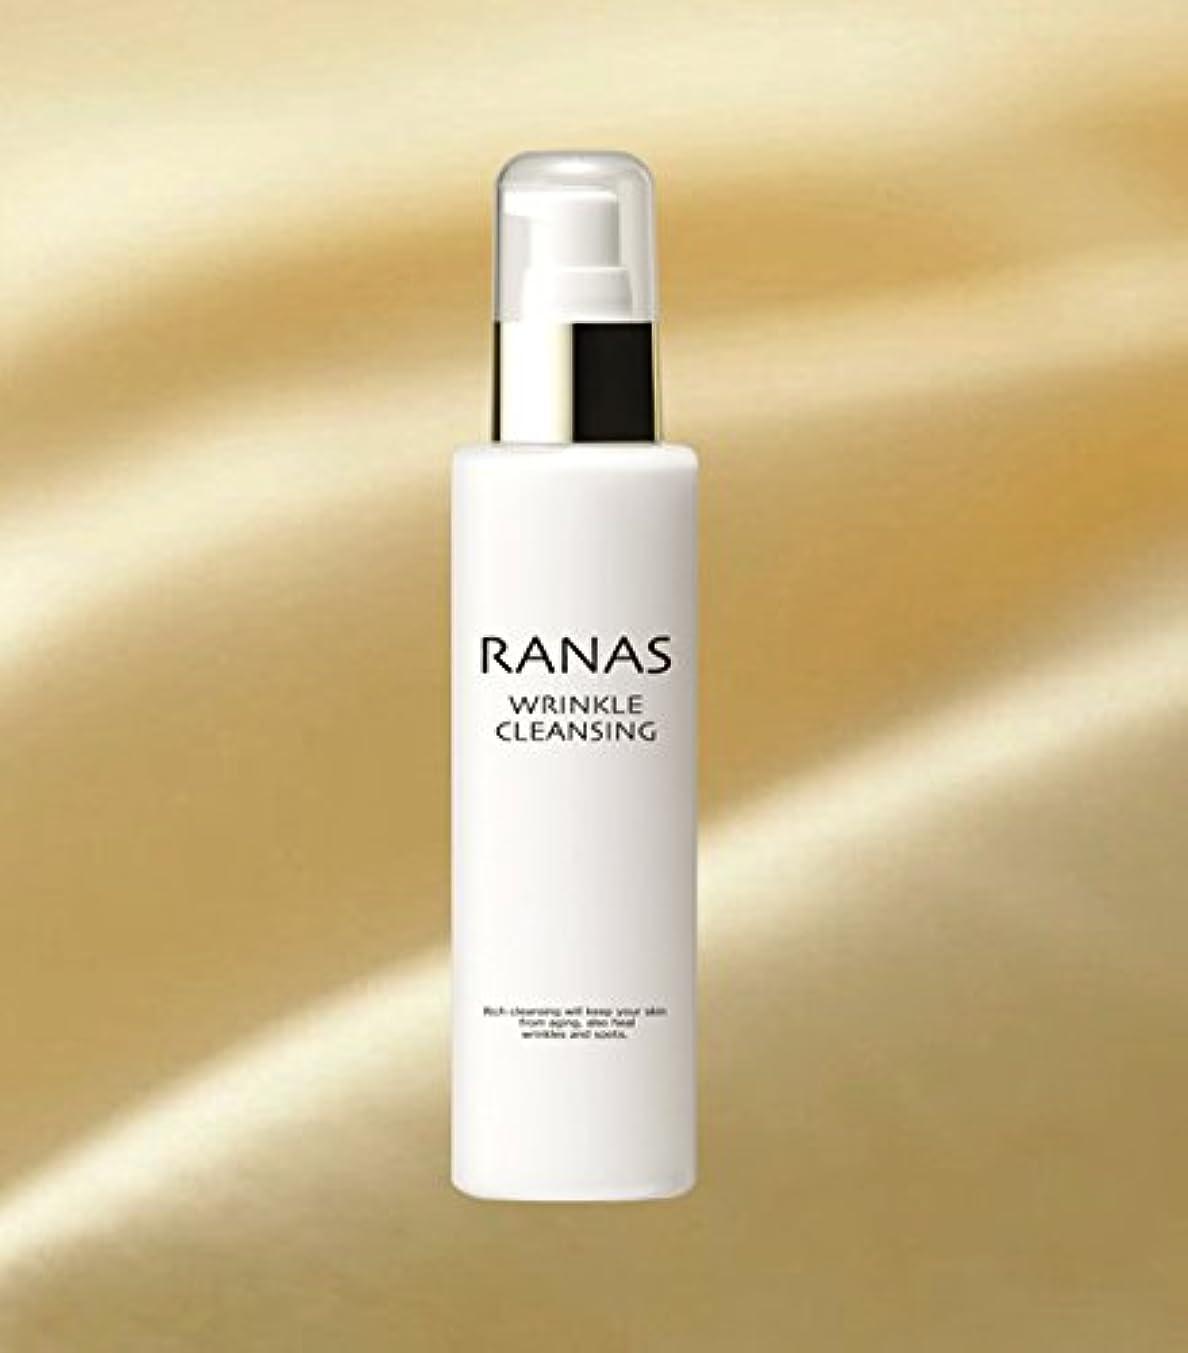 メッセージ不正ギネスラナス スペシャル リンクルクレンジング(150ml) Ranas Special Wrinkle cleansing